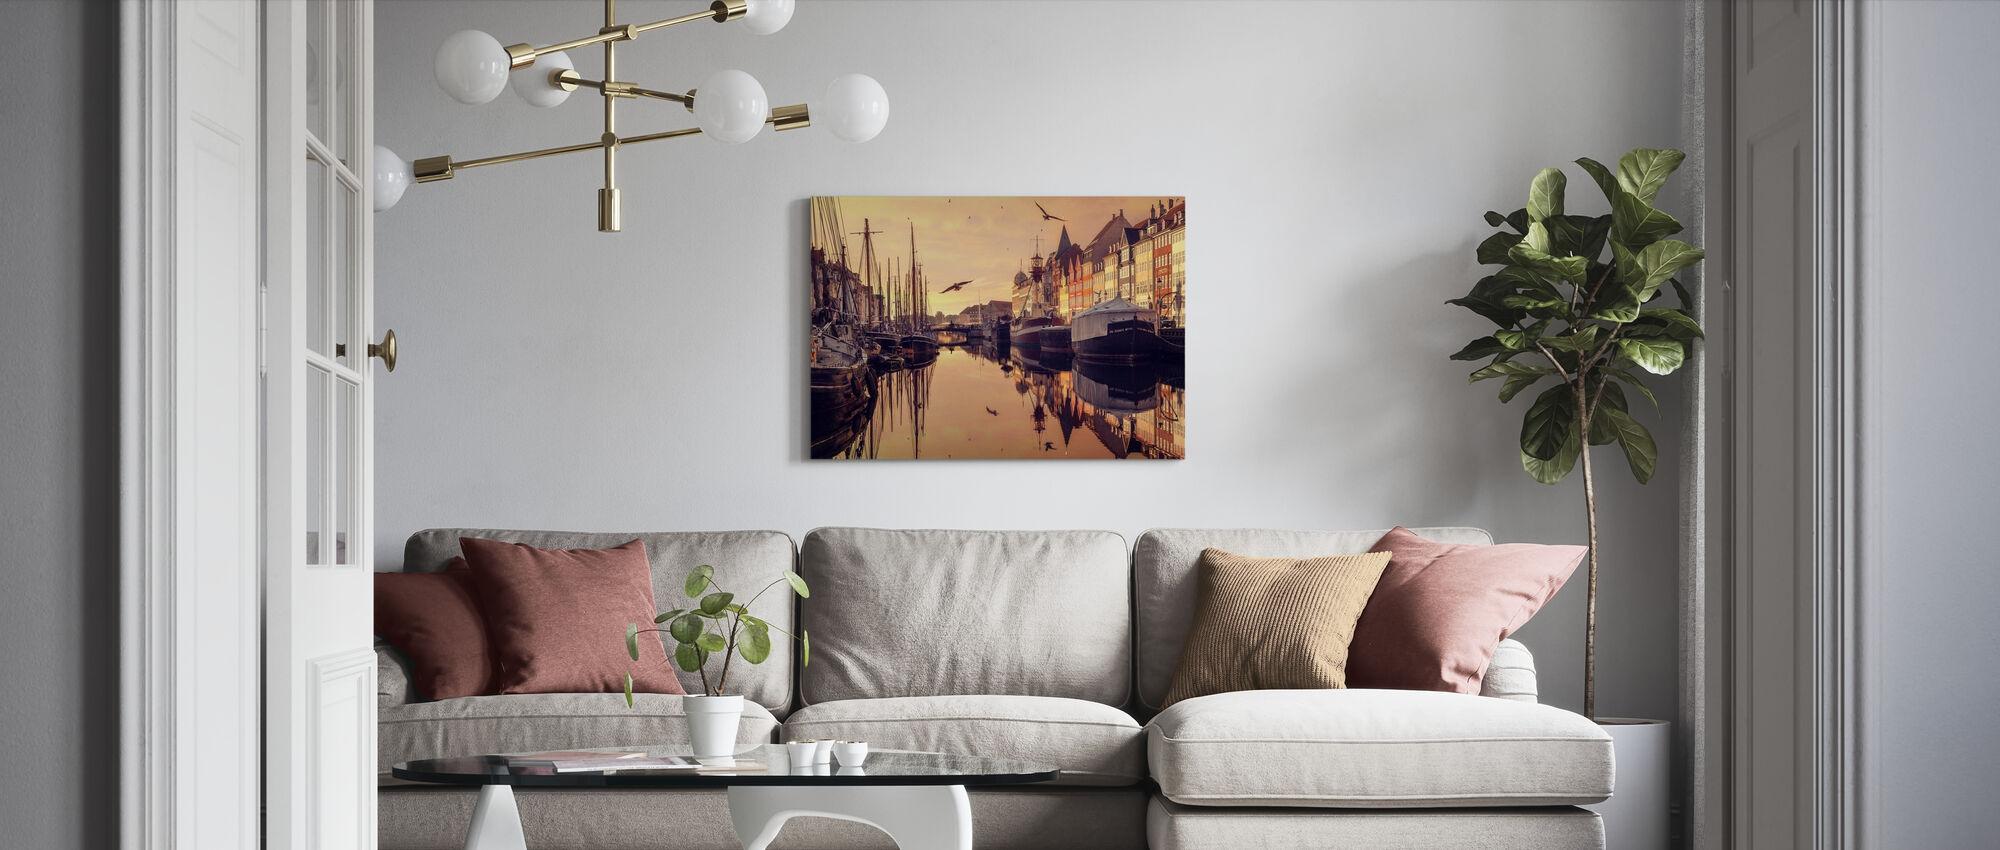 Romantic Köpenhamn, Danmark - Canvastavla - Vardagsrum